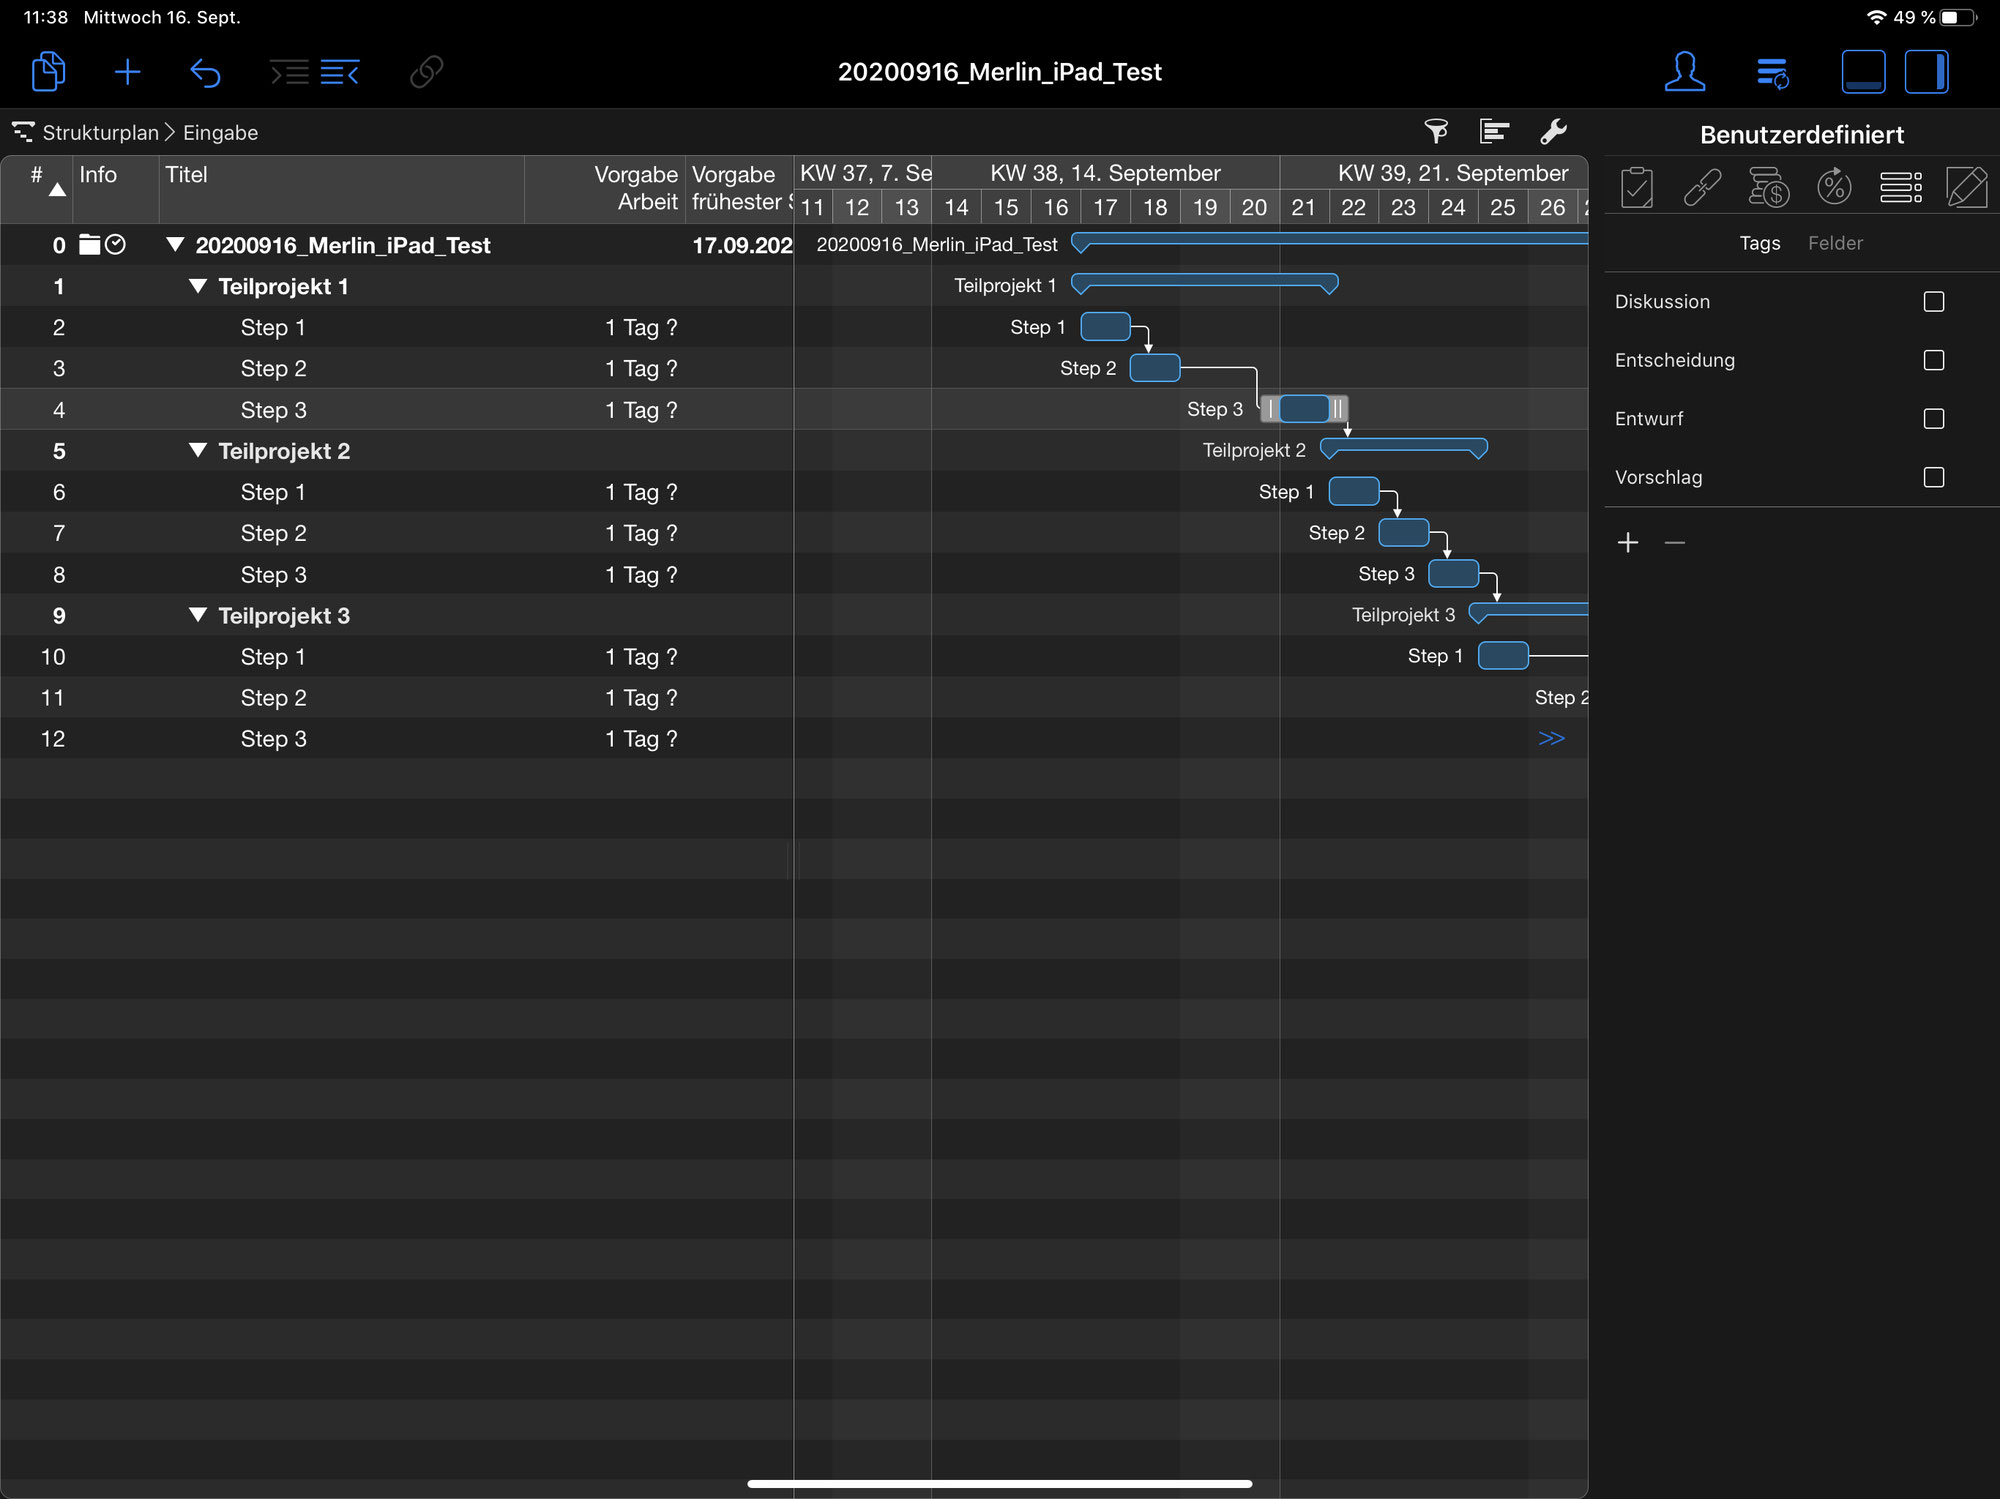 Merlin Project auf dem iPad